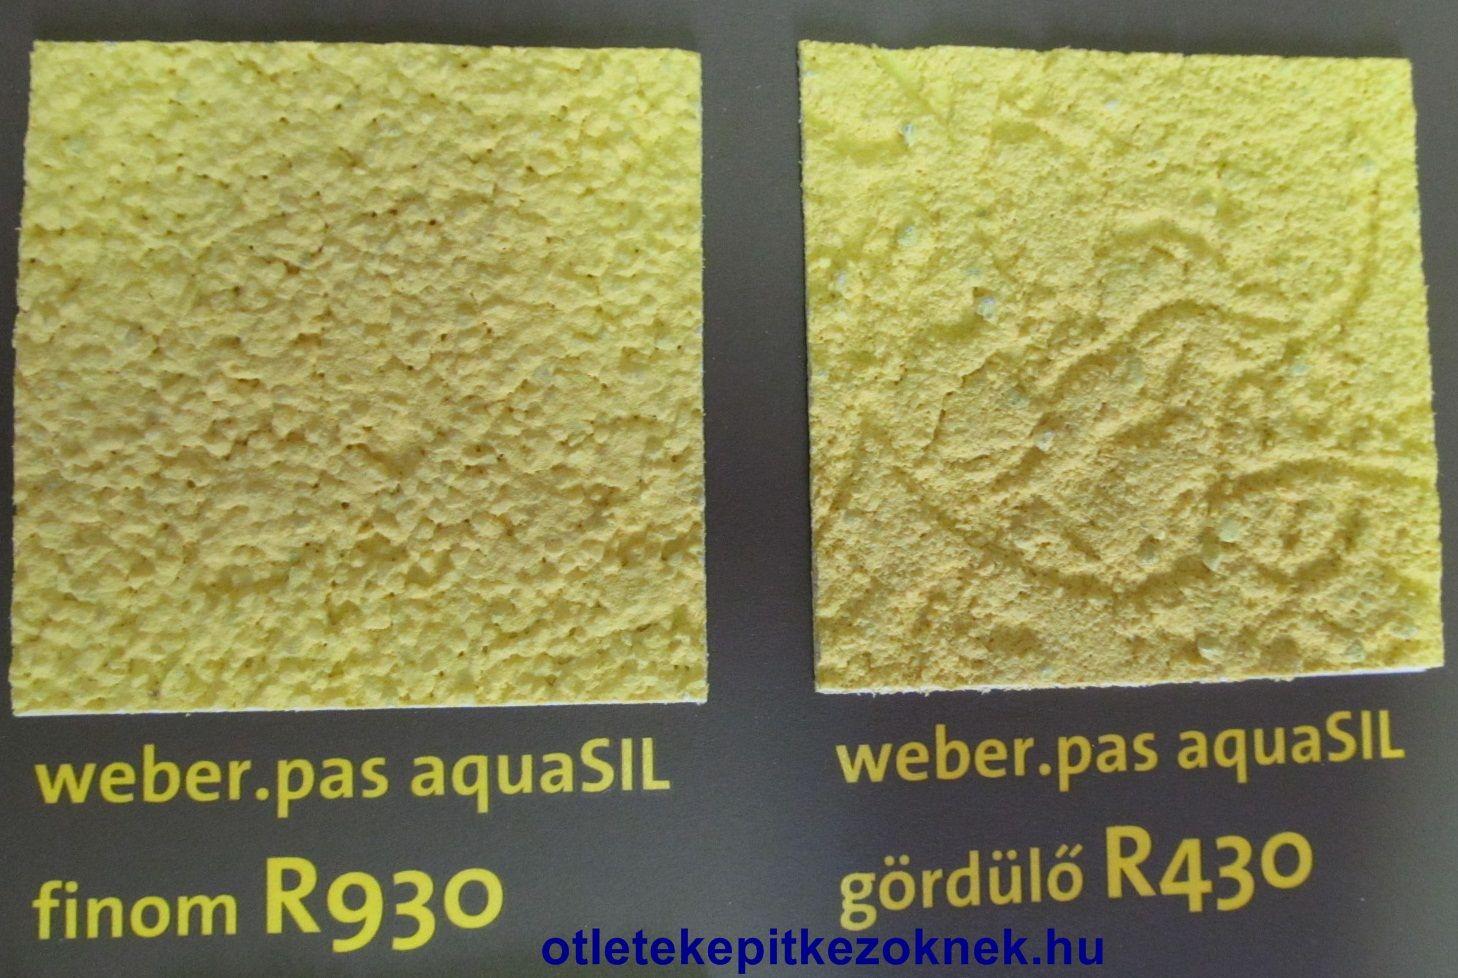 weber.pas aquaSIL vékonyvakolat struktúrája